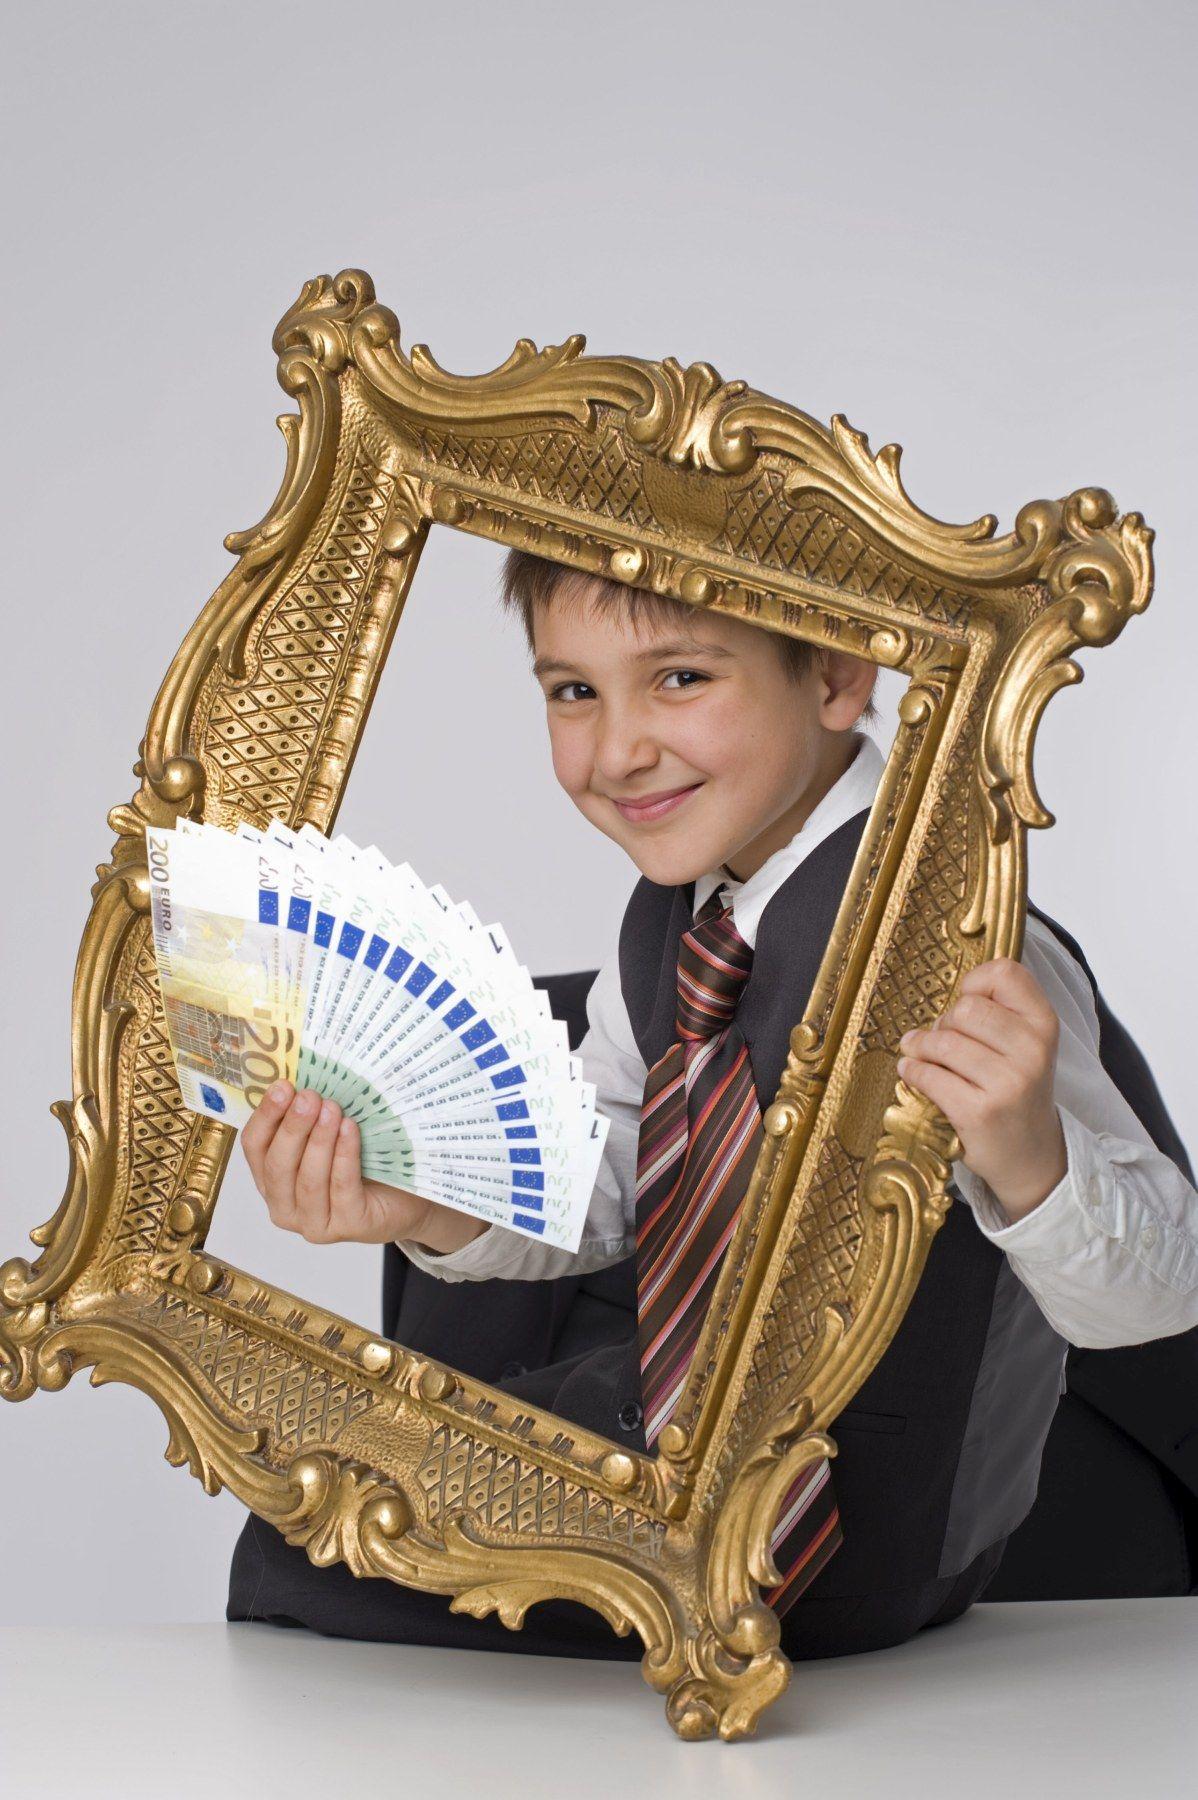 Reicher, kleiner Gesch‰ftsmann im goldenen Rahmen - rich, little businessman in golden frame